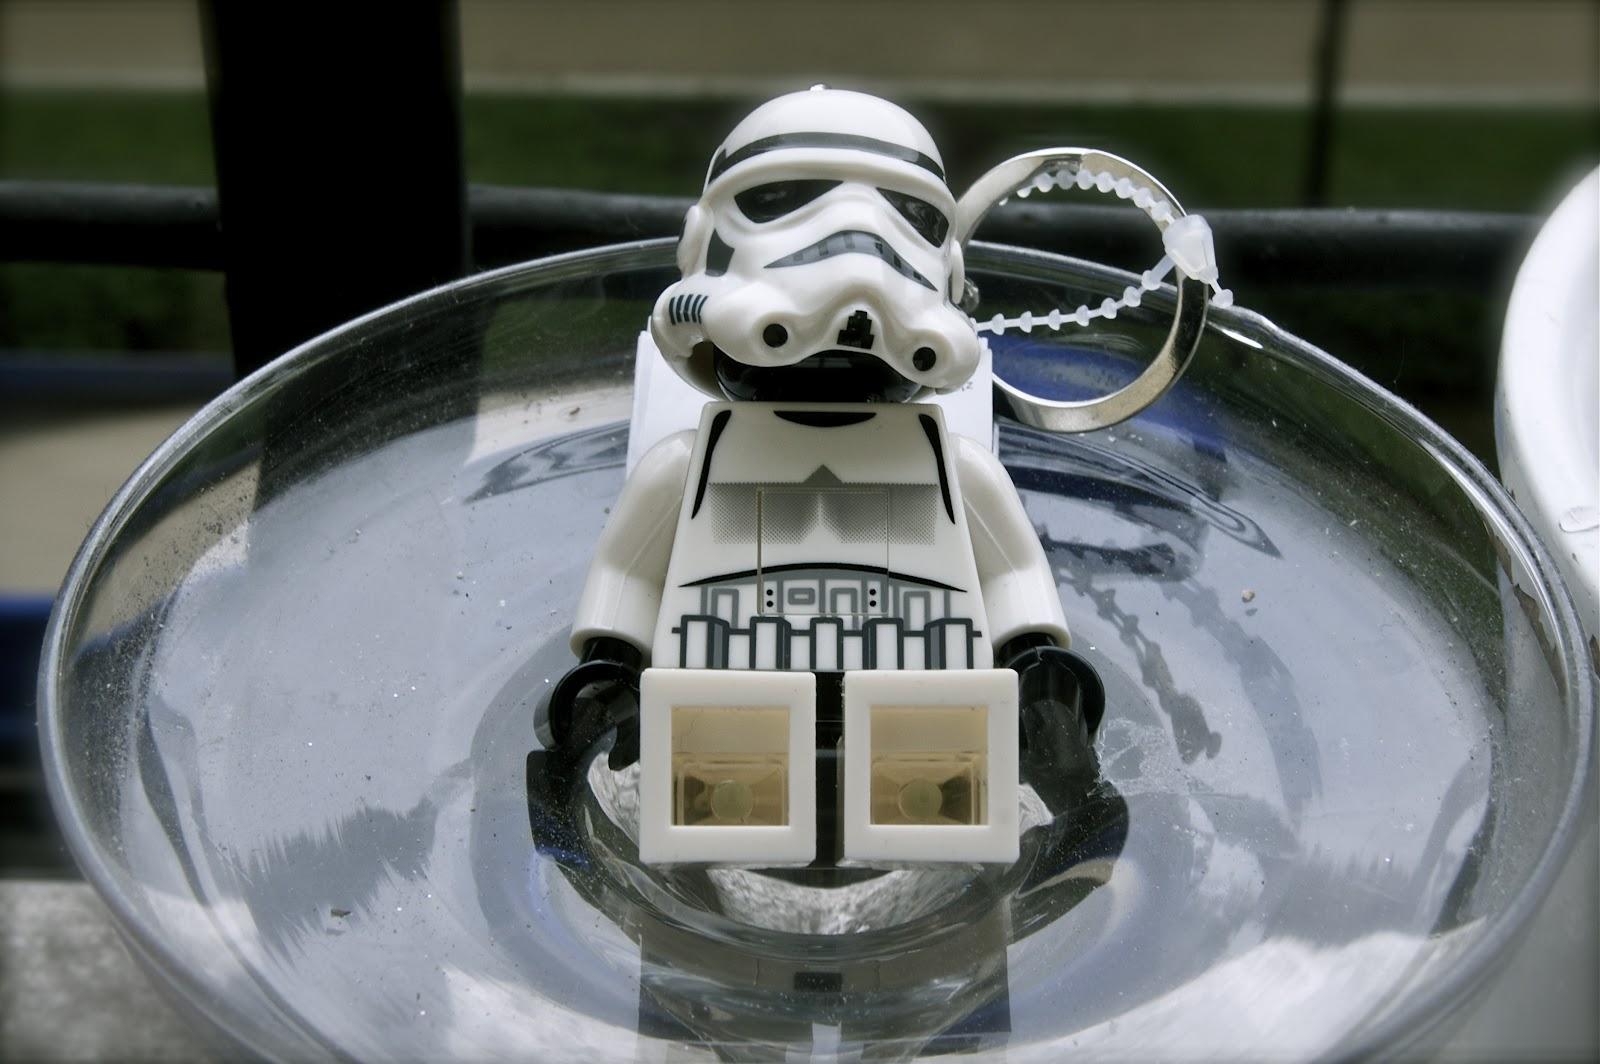 big brobot star wars stormtrooper mini taschenlampe. Black Bedroom Furniture Sets. Home Design Ideas